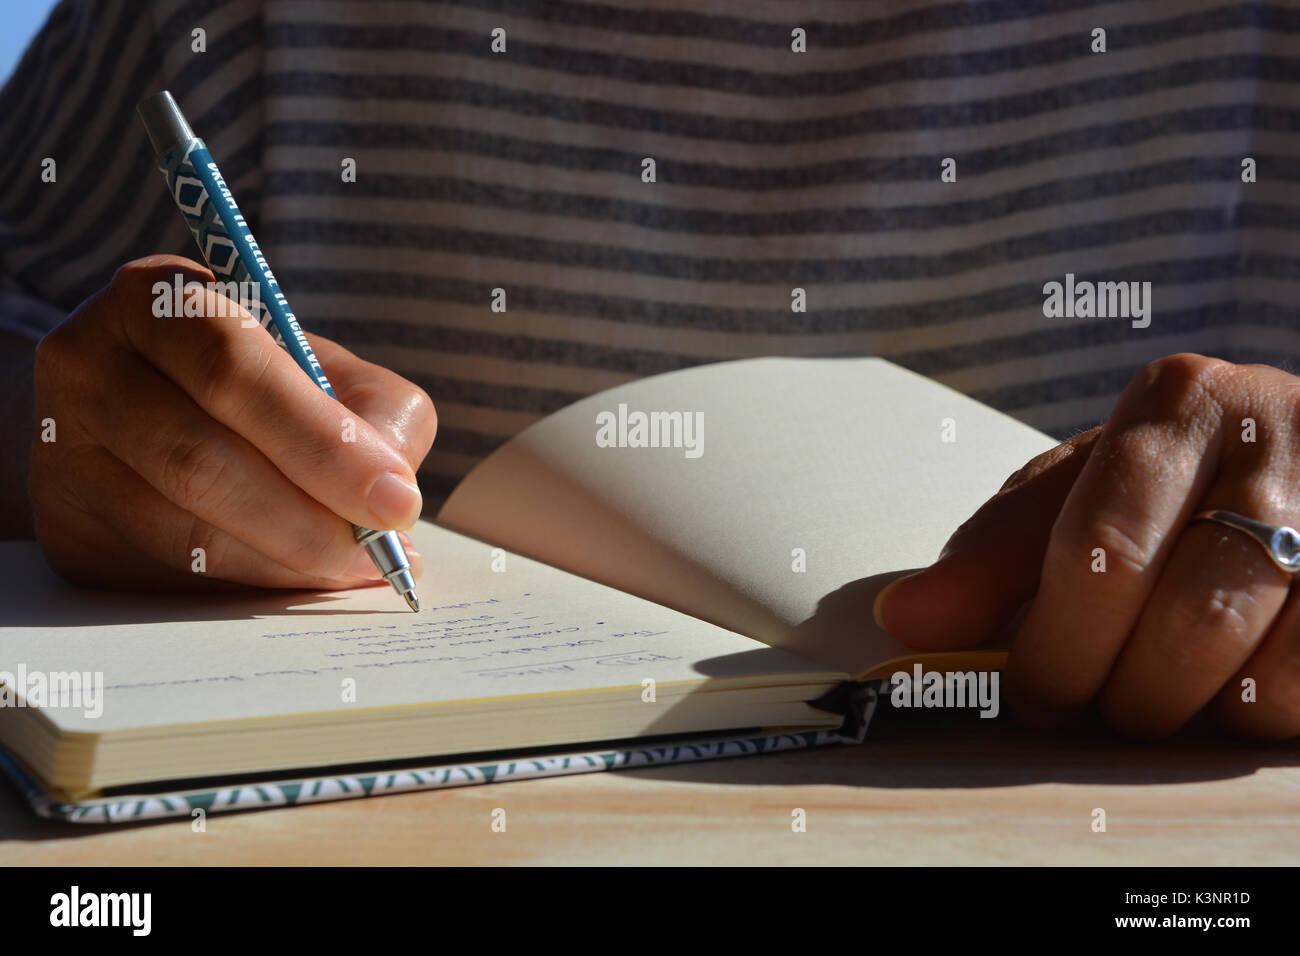 Nett Schreiben Karriere Zusammenfassung Ziel Ideen - Entry Level ...